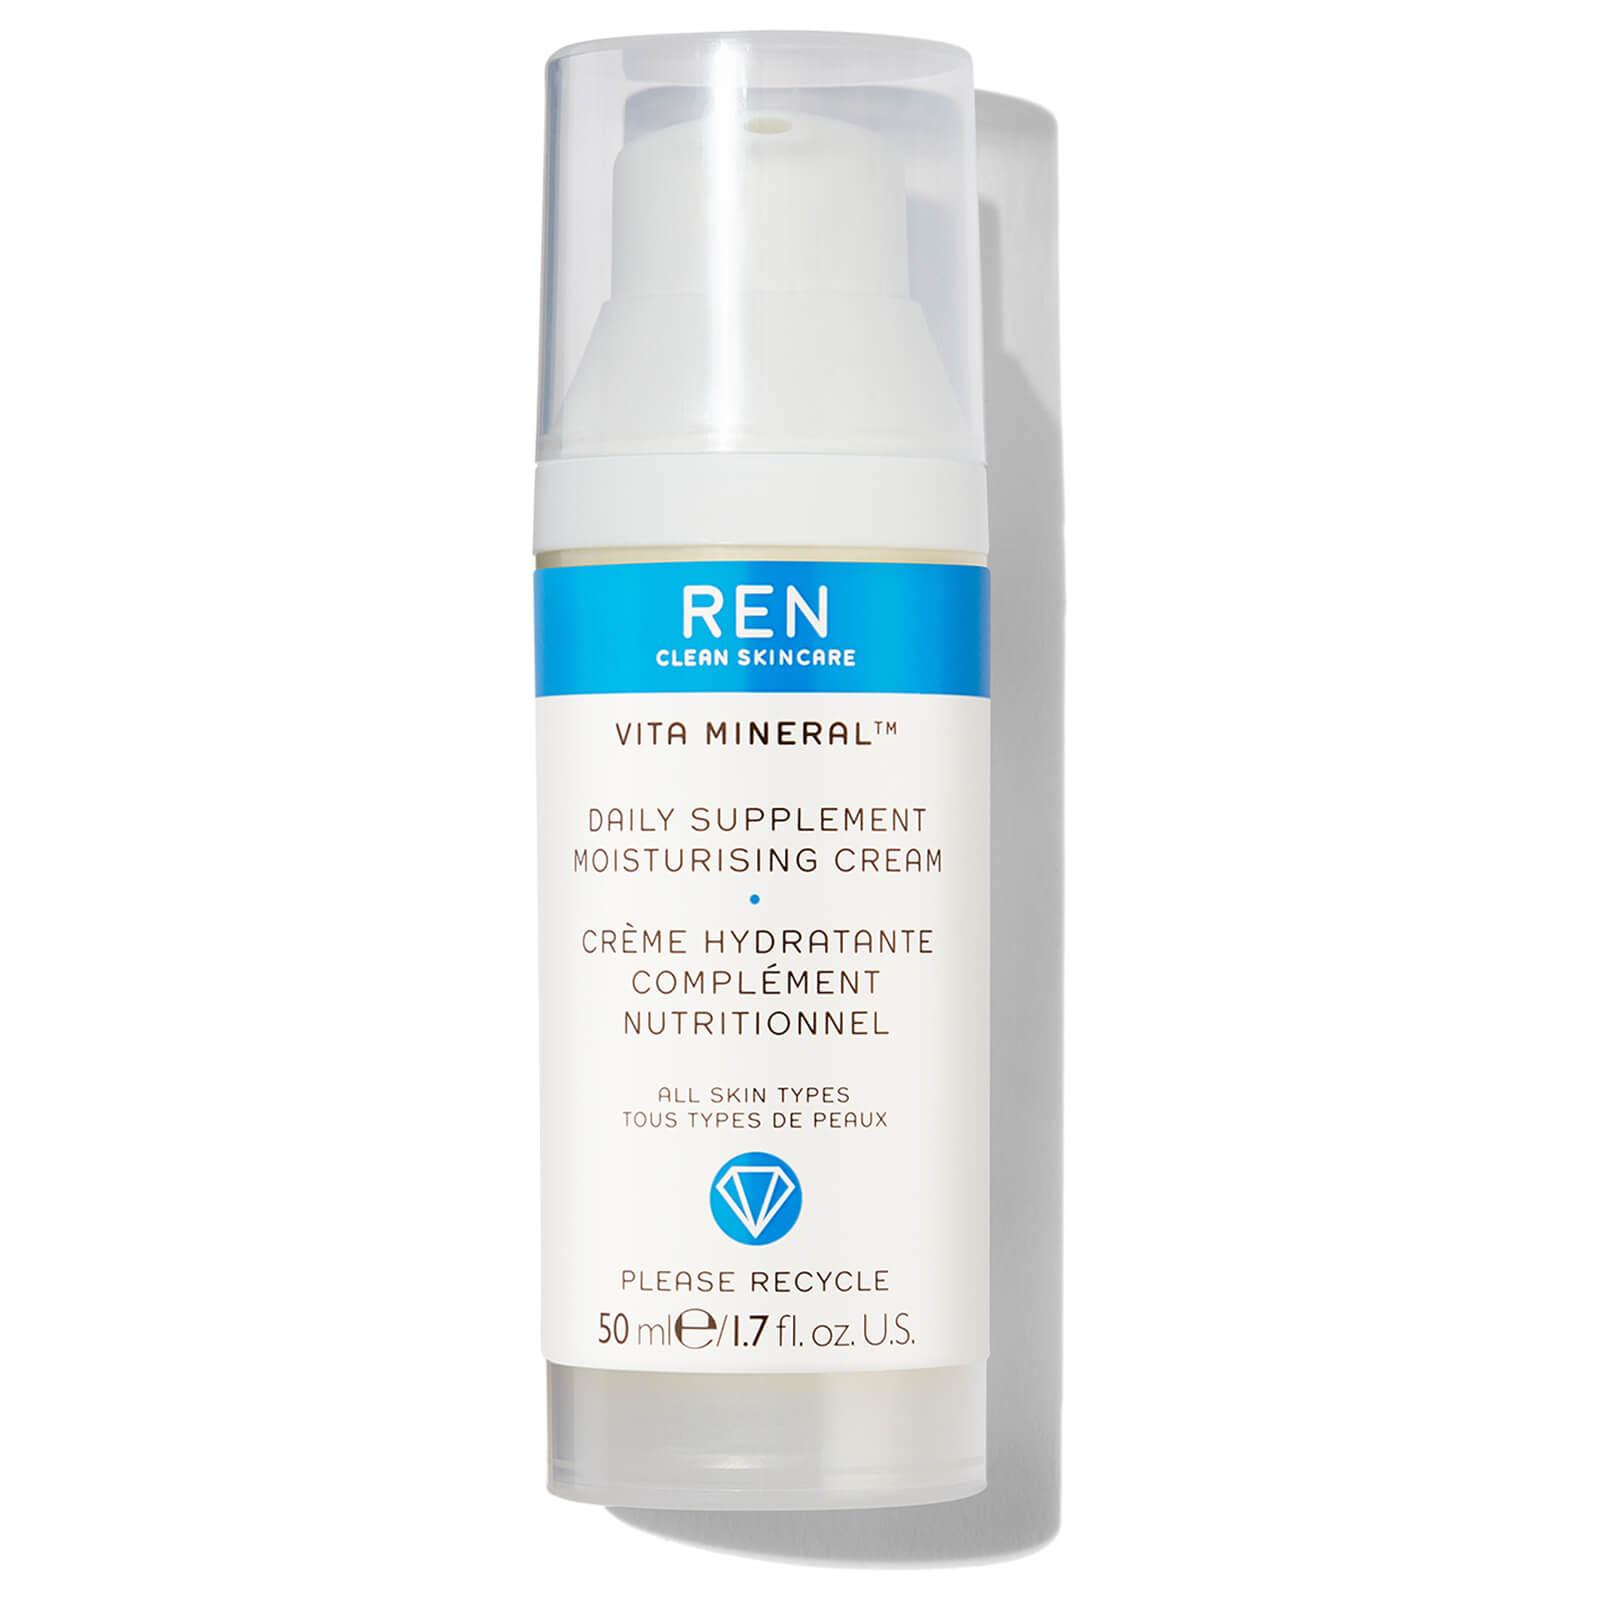 REN Vita Mineral crème hydratante complément nutritionnel  (50ml)